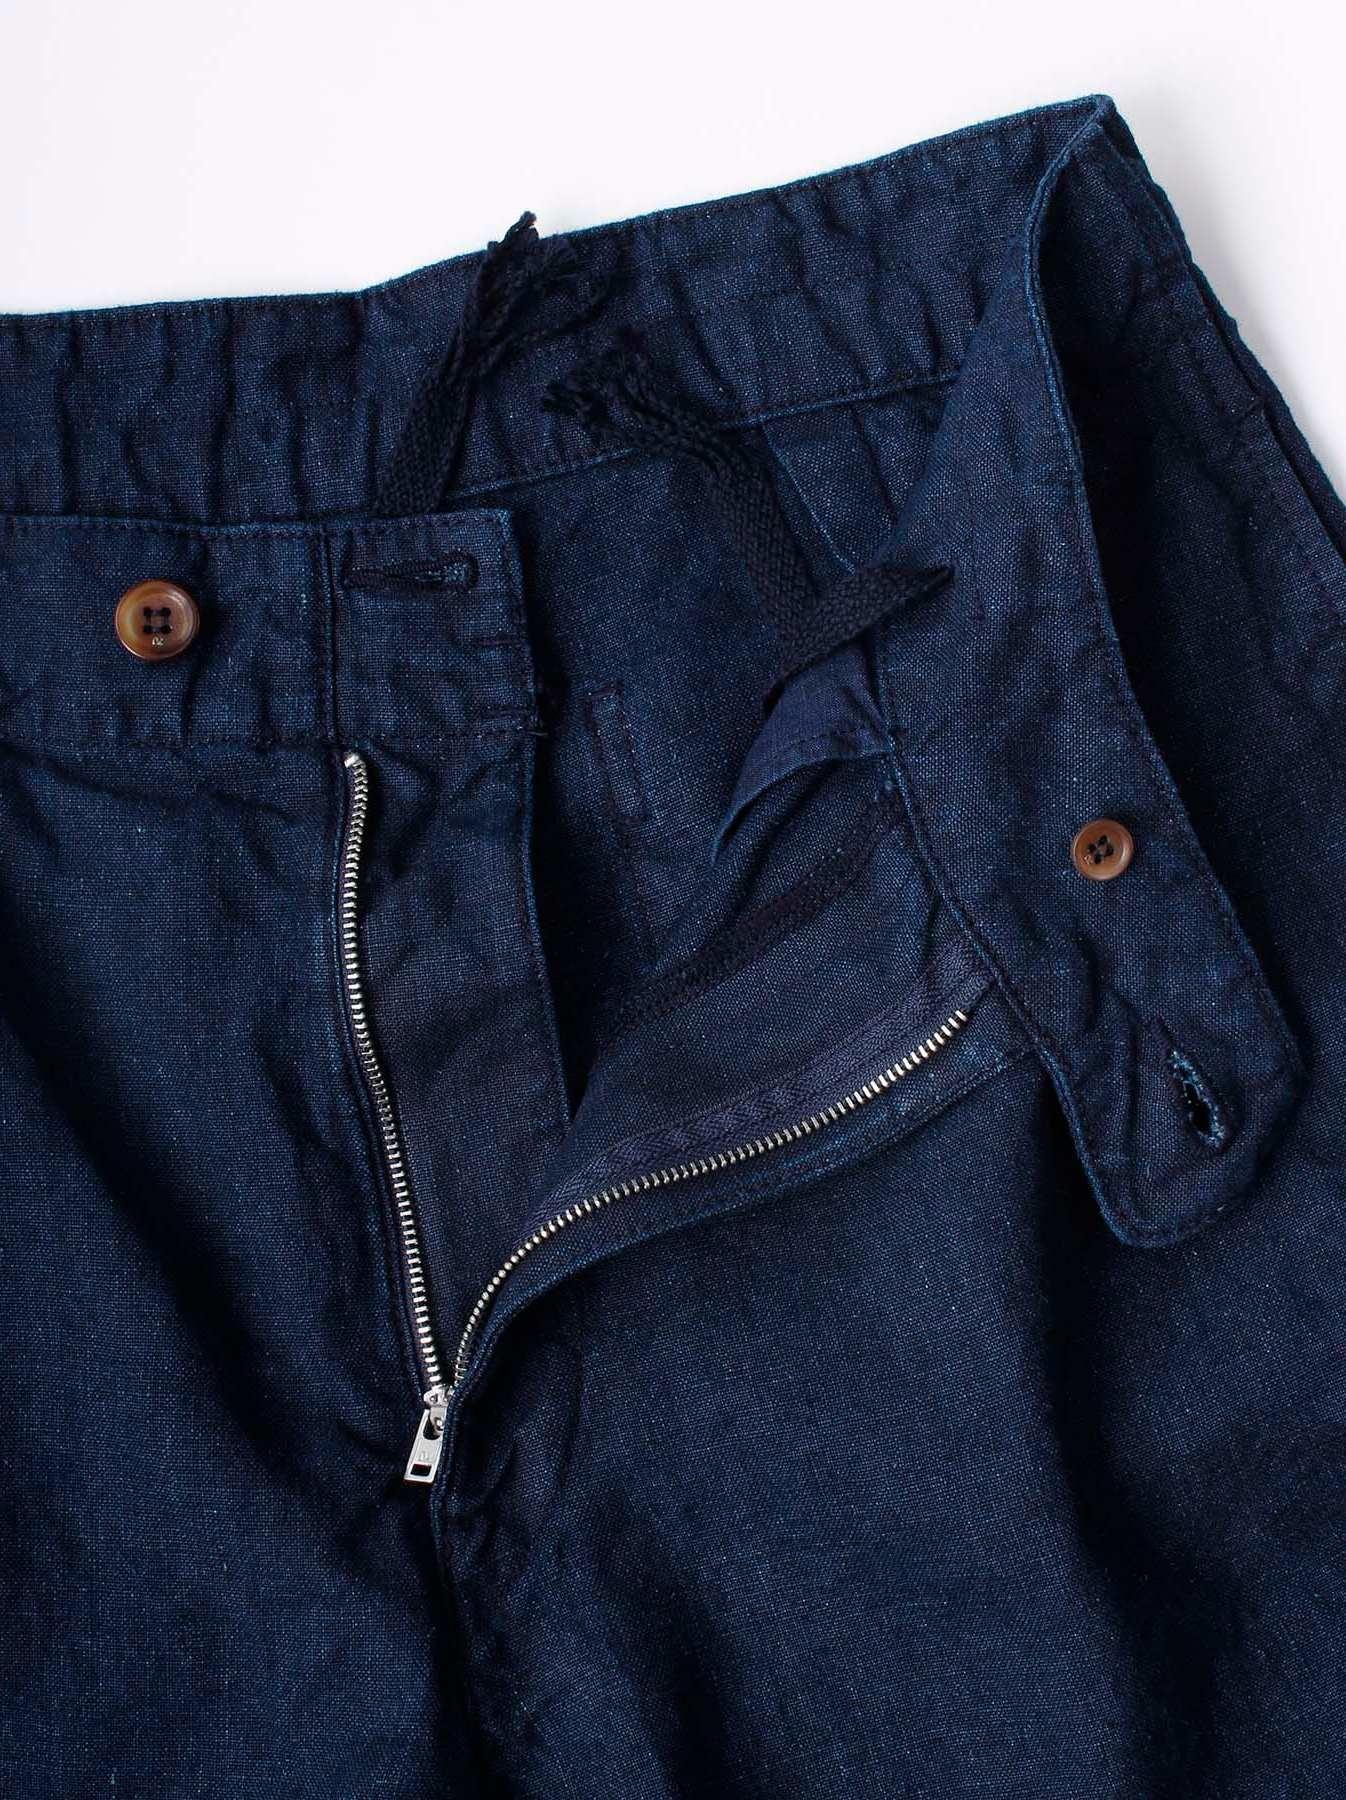 WH Indigo Doek Majotae Umiiloha 908 Short Pants-8